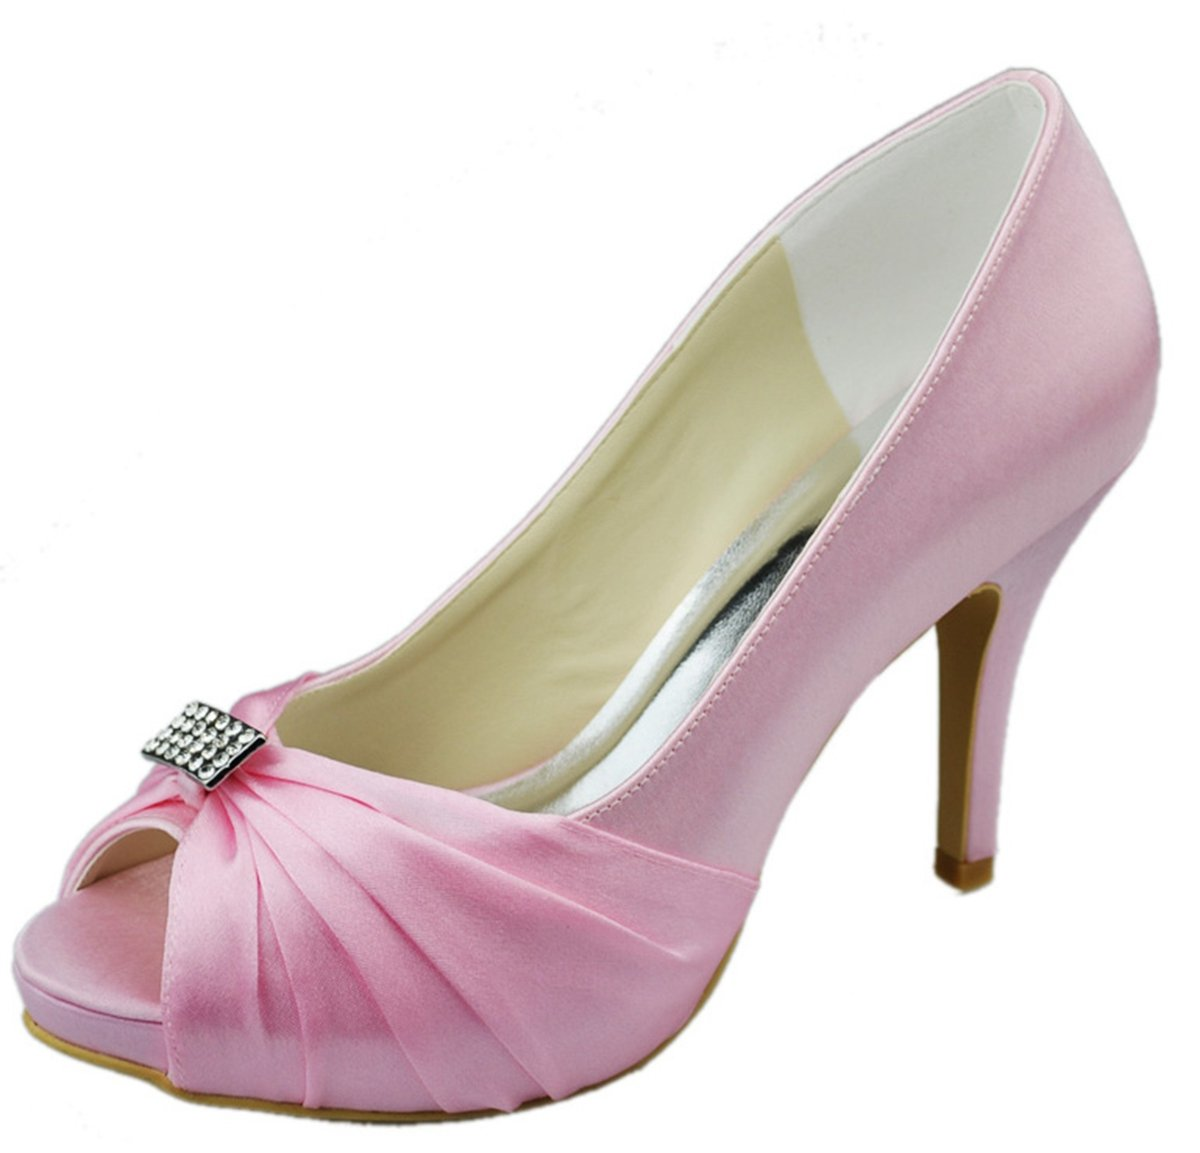 Minitoo , Semelle compensée - femme Rose Rose femme - rose 52bda01 - shopssong.space